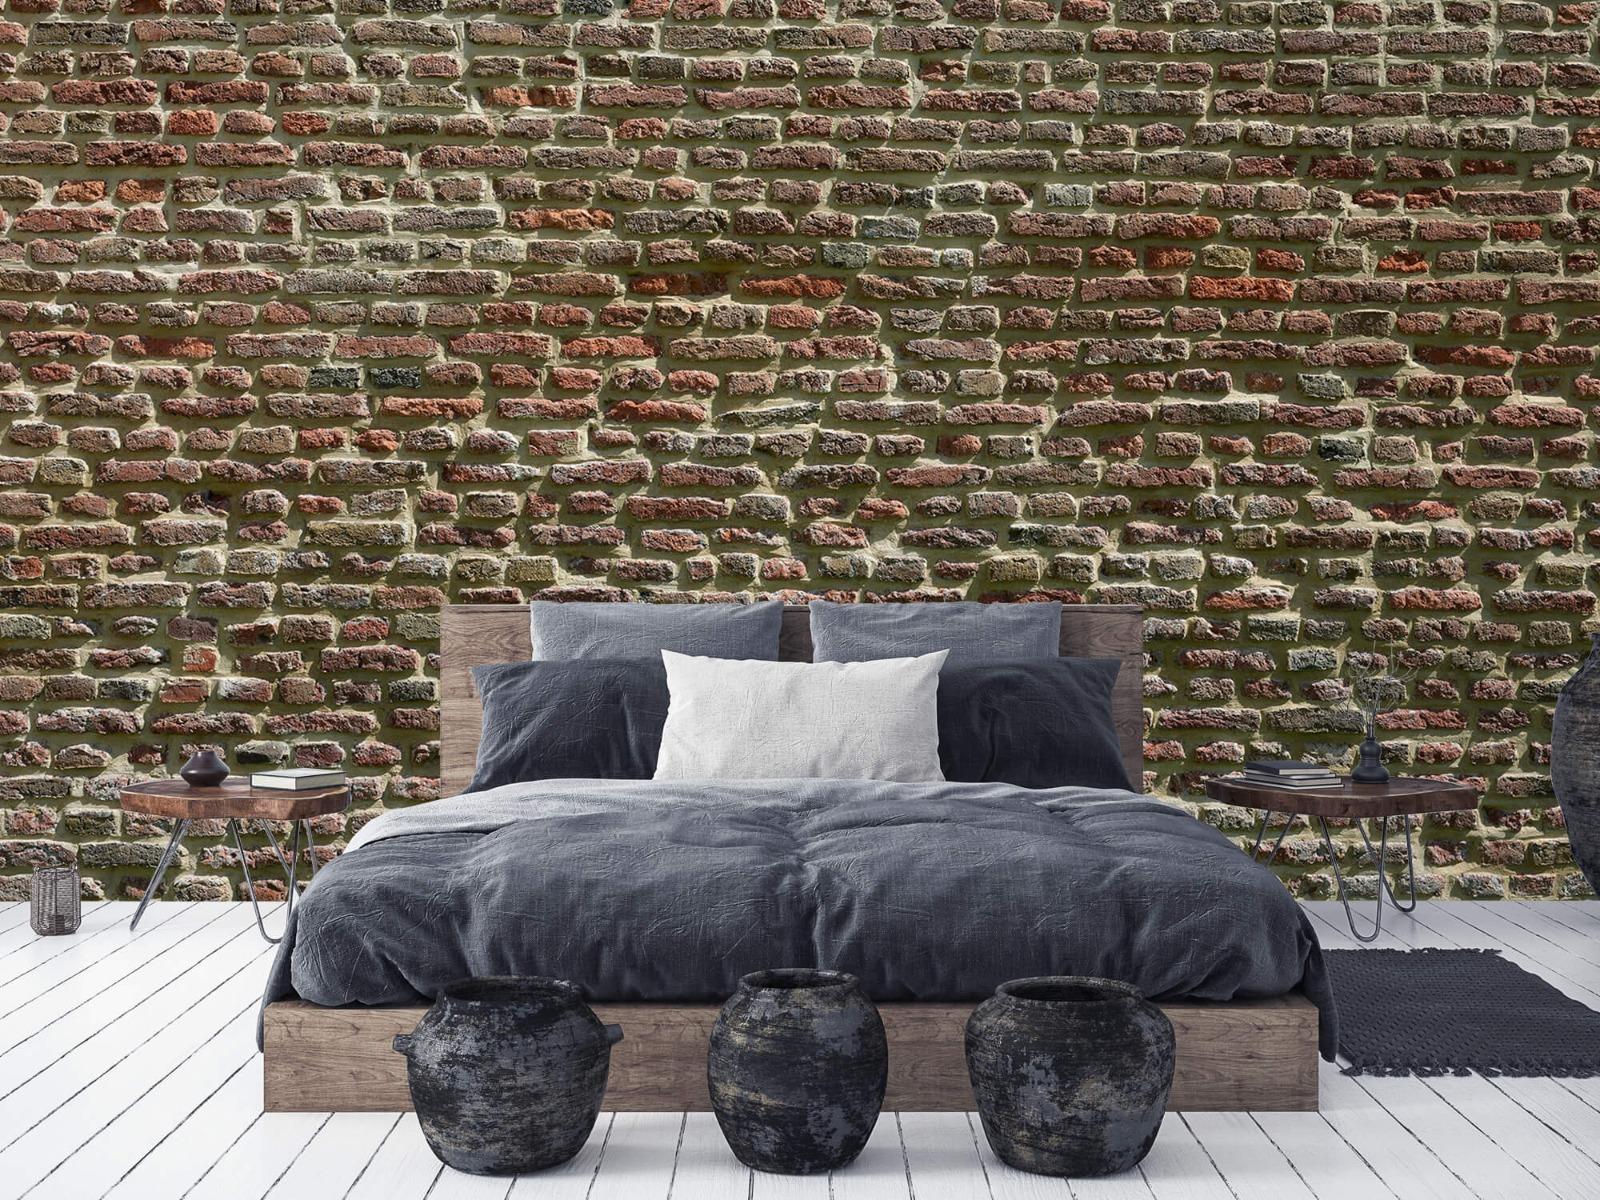 Stenen - Muur van oude bakstenen 8